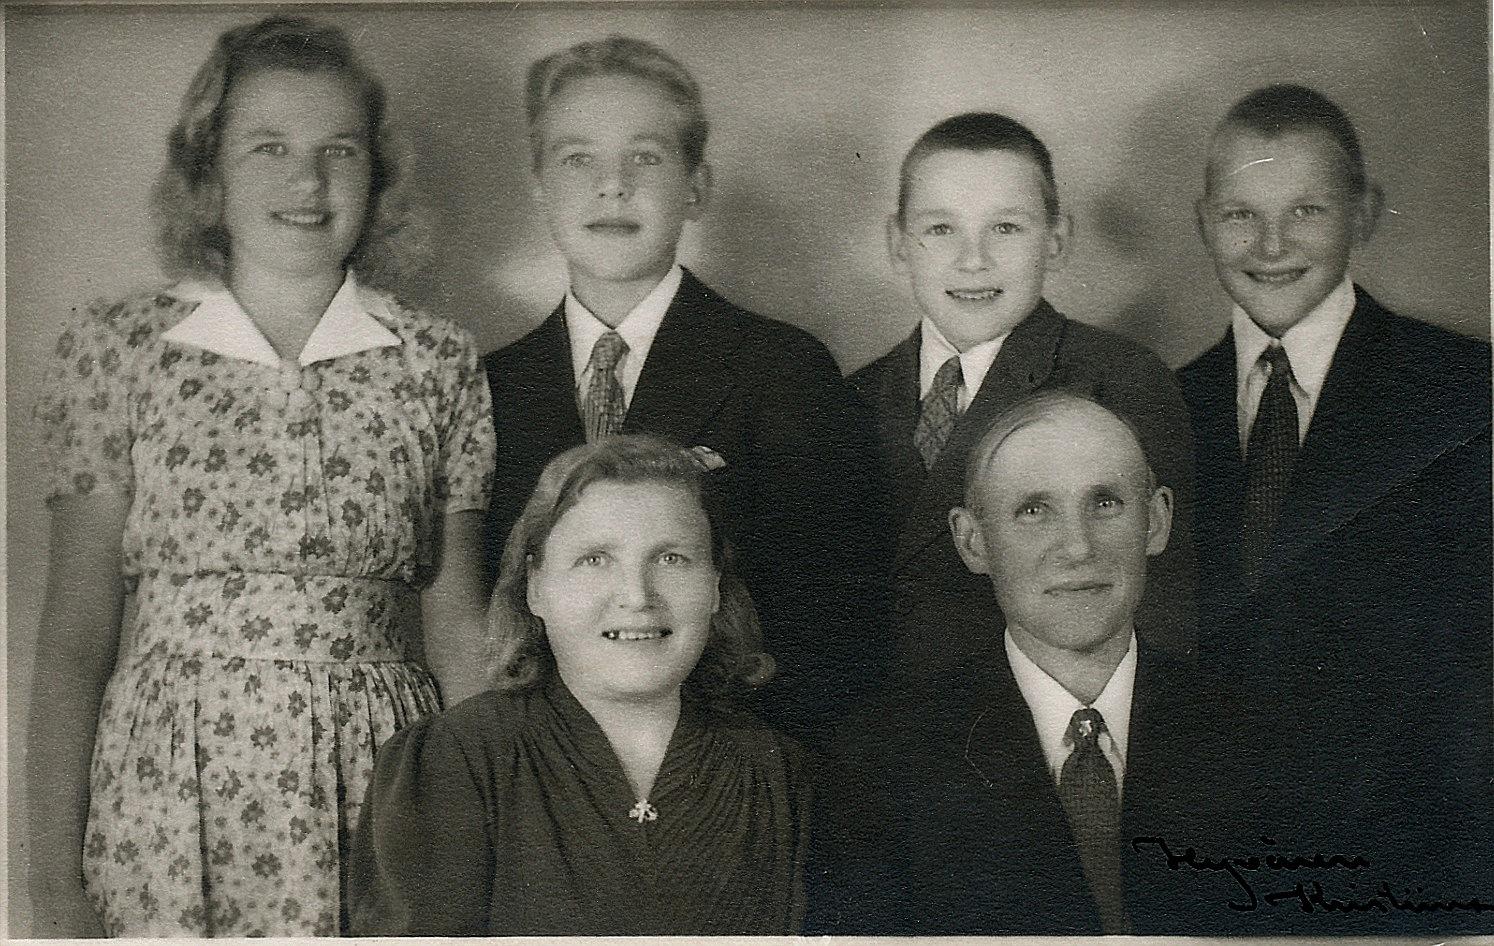 Här sitter Hilda och Knut Santamäki i Hyvönens fotoatelje i Kristinestad tillsammans med barnen Helvi, Pertti och tvillingarna Kauko och Keijo.